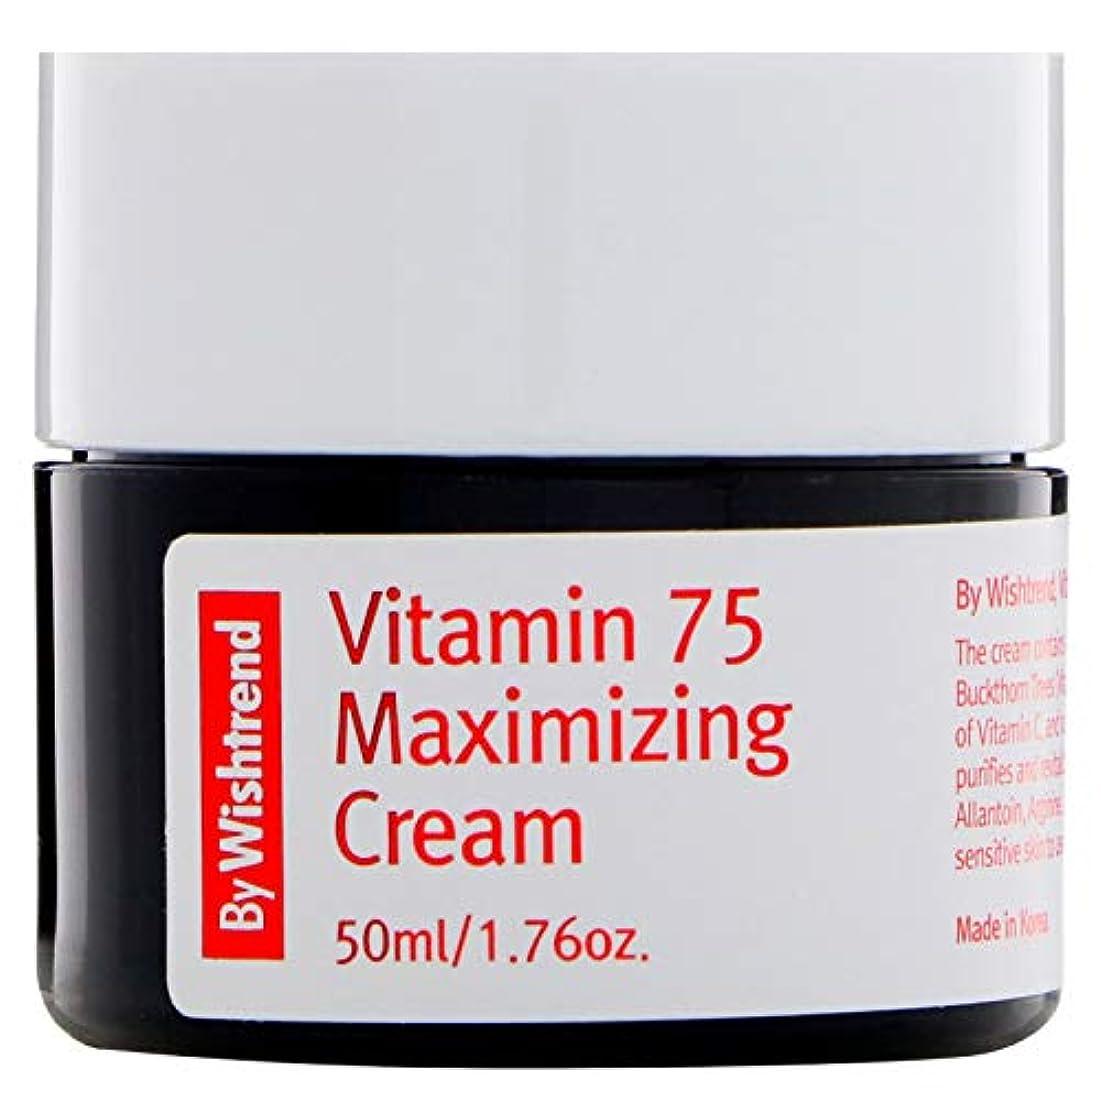 下着腰哀れな[BY WISHTREND]ビタミン75 マキシマイジング クリーム, Vitamin 75 Maximizing Cream [並行輸入品]